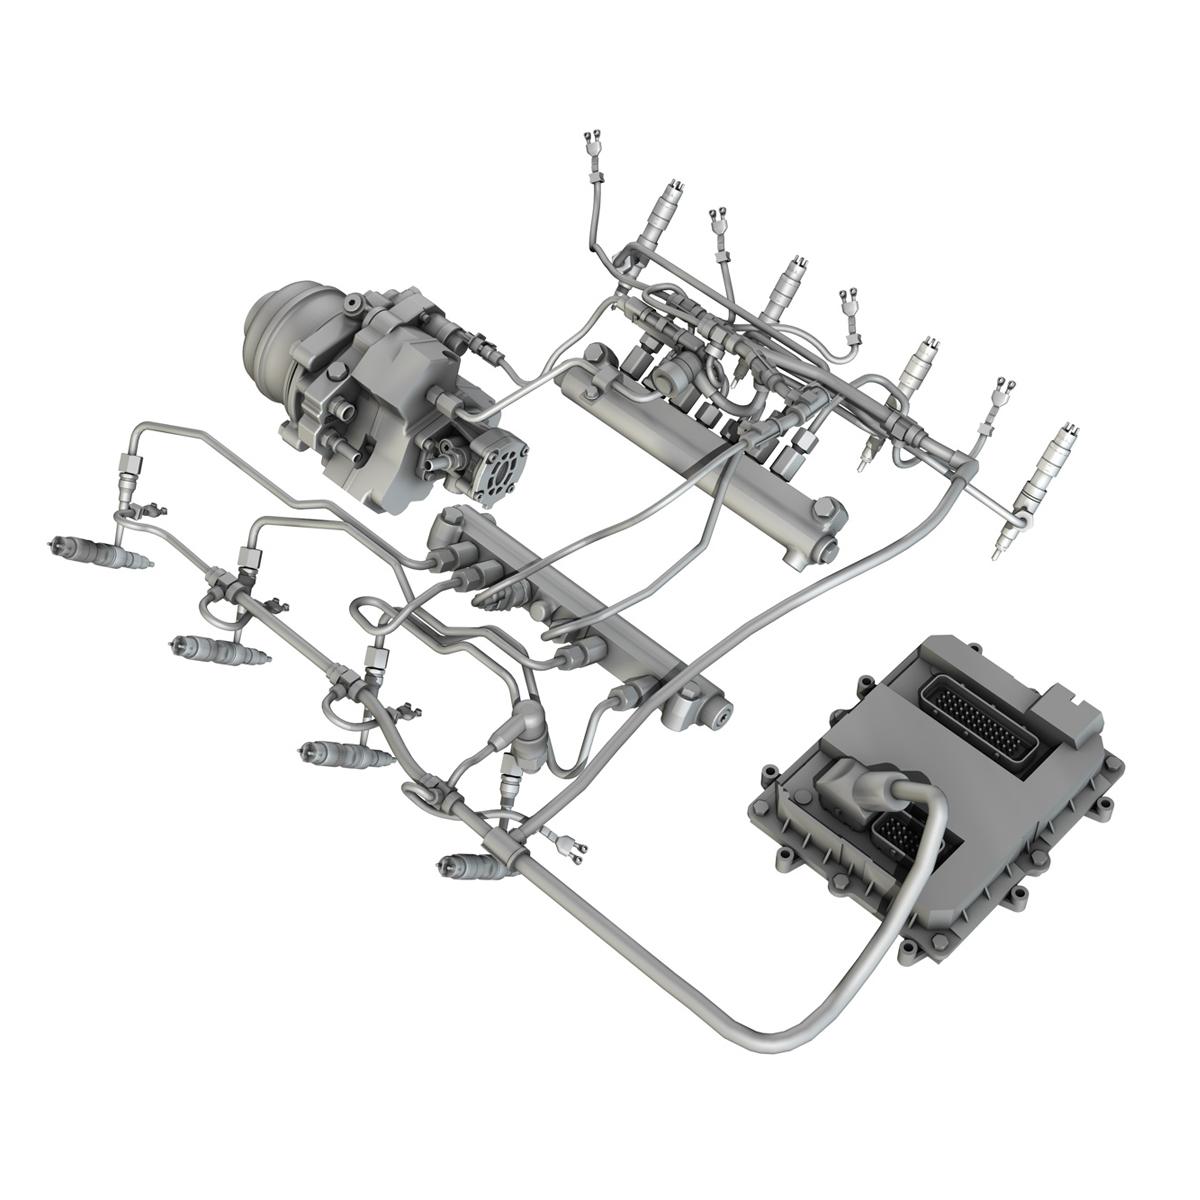 injection system of a v8 engine 3d model 3ds c4d lwo obj 264481